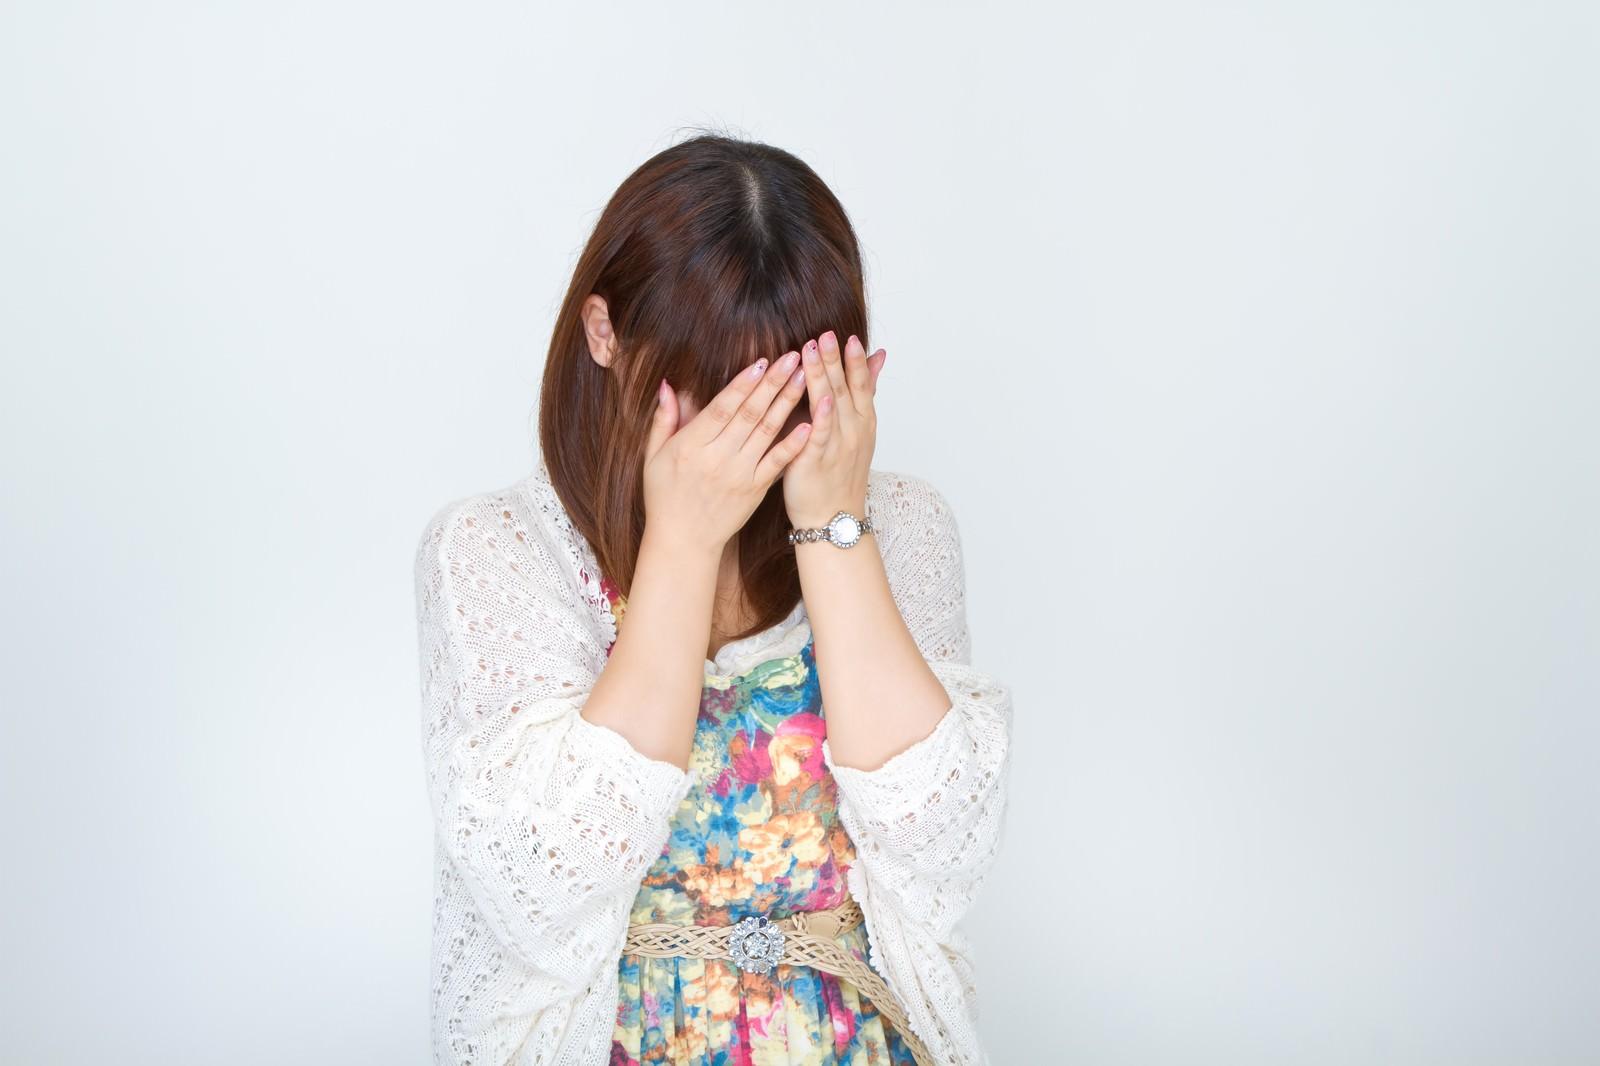 男尊女卑当代日本的后遗症